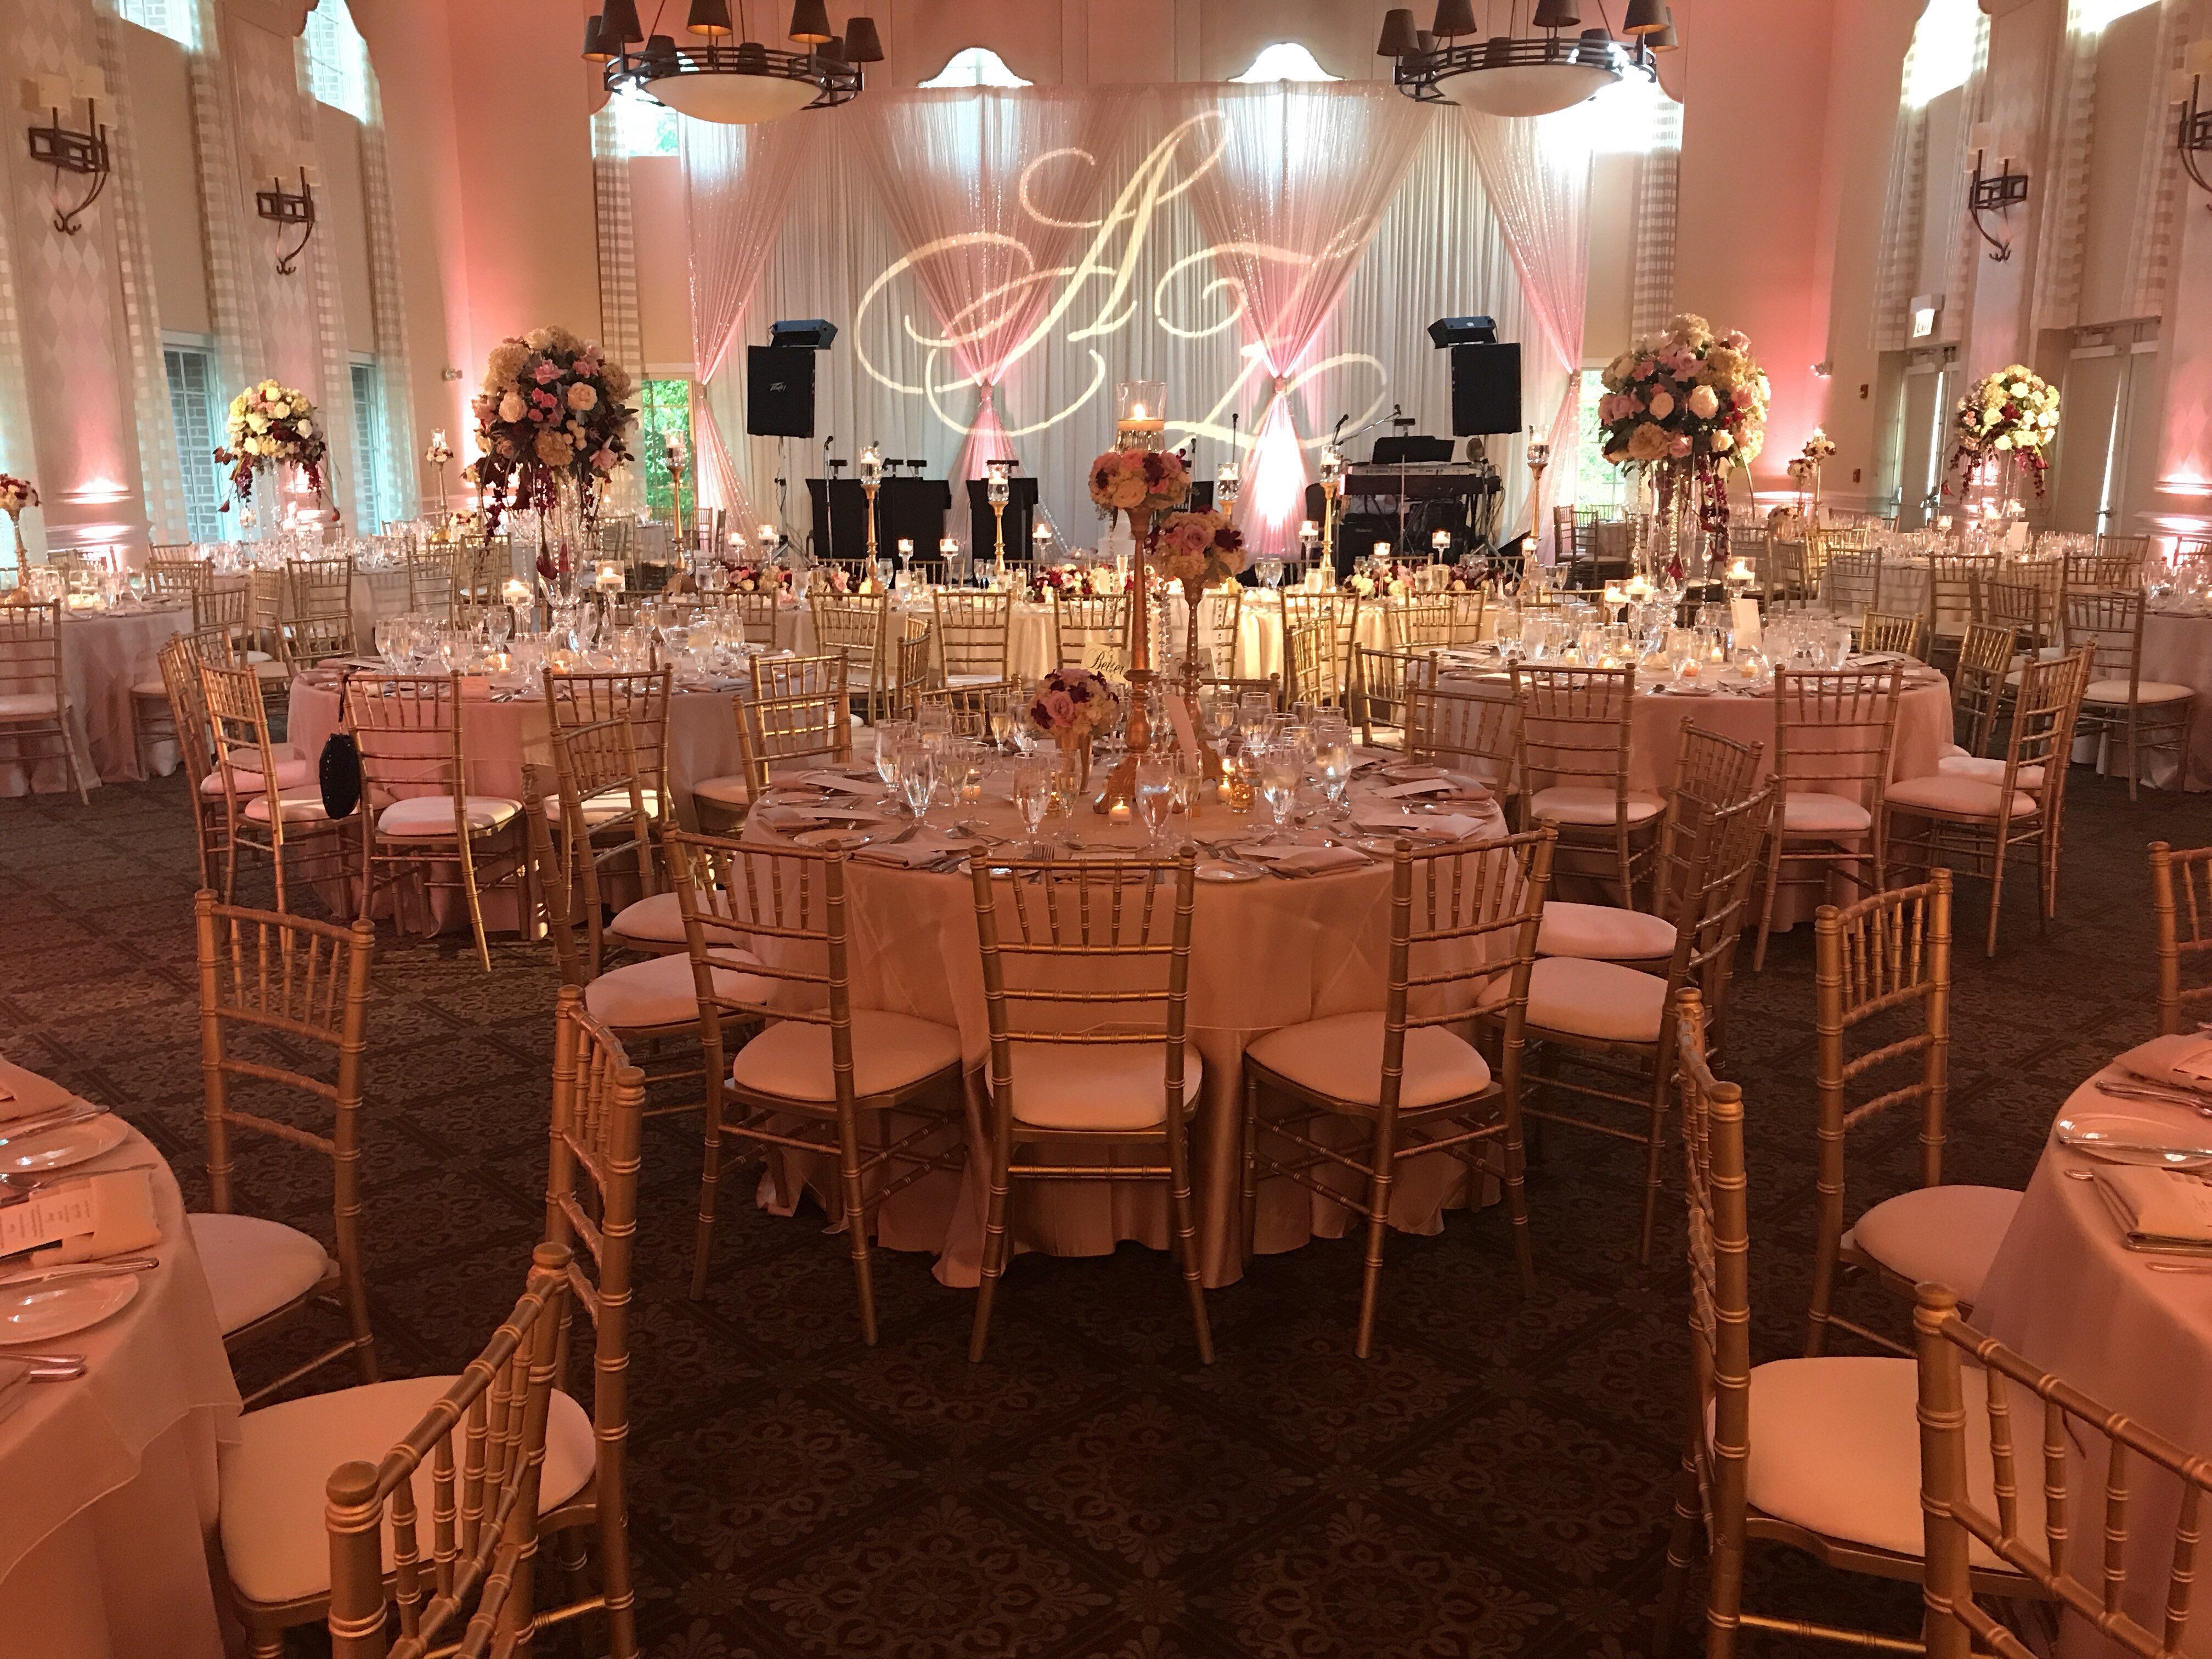 Chicago Wedding Venues | Wedding Location | The Glen Club